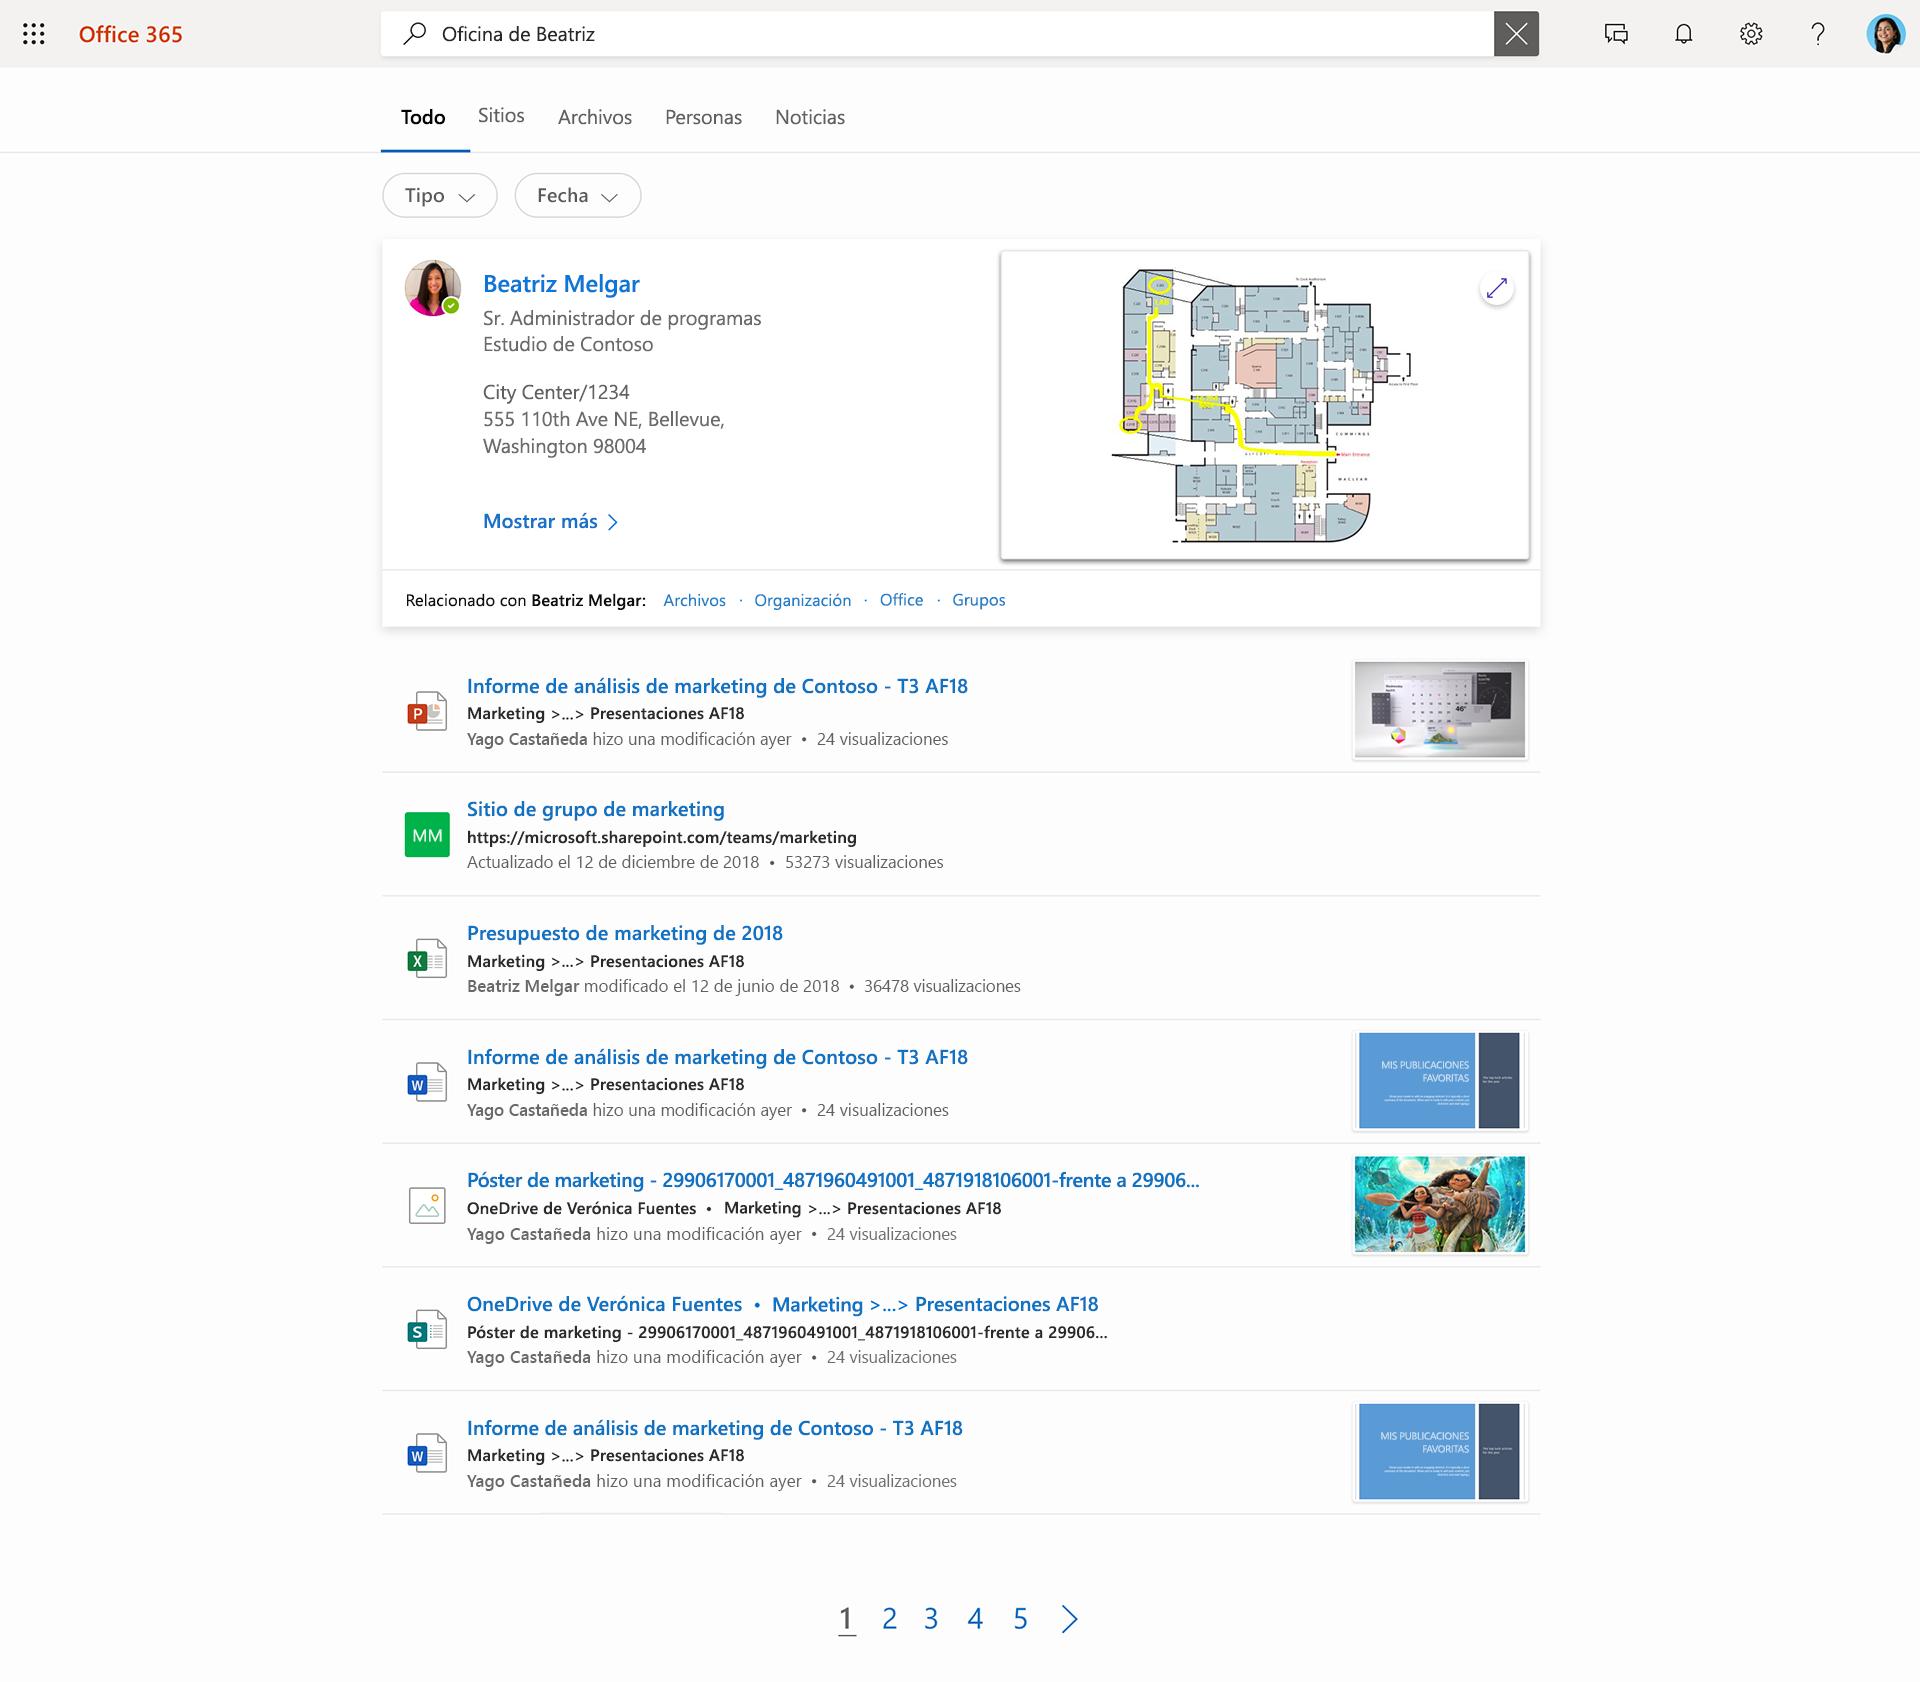 """Imagen de Búsqueda de Microsoft. Un usuario ha escrito """"Elvira oficina"""" y en su lista aparecen contactos, archivos y sitios."""